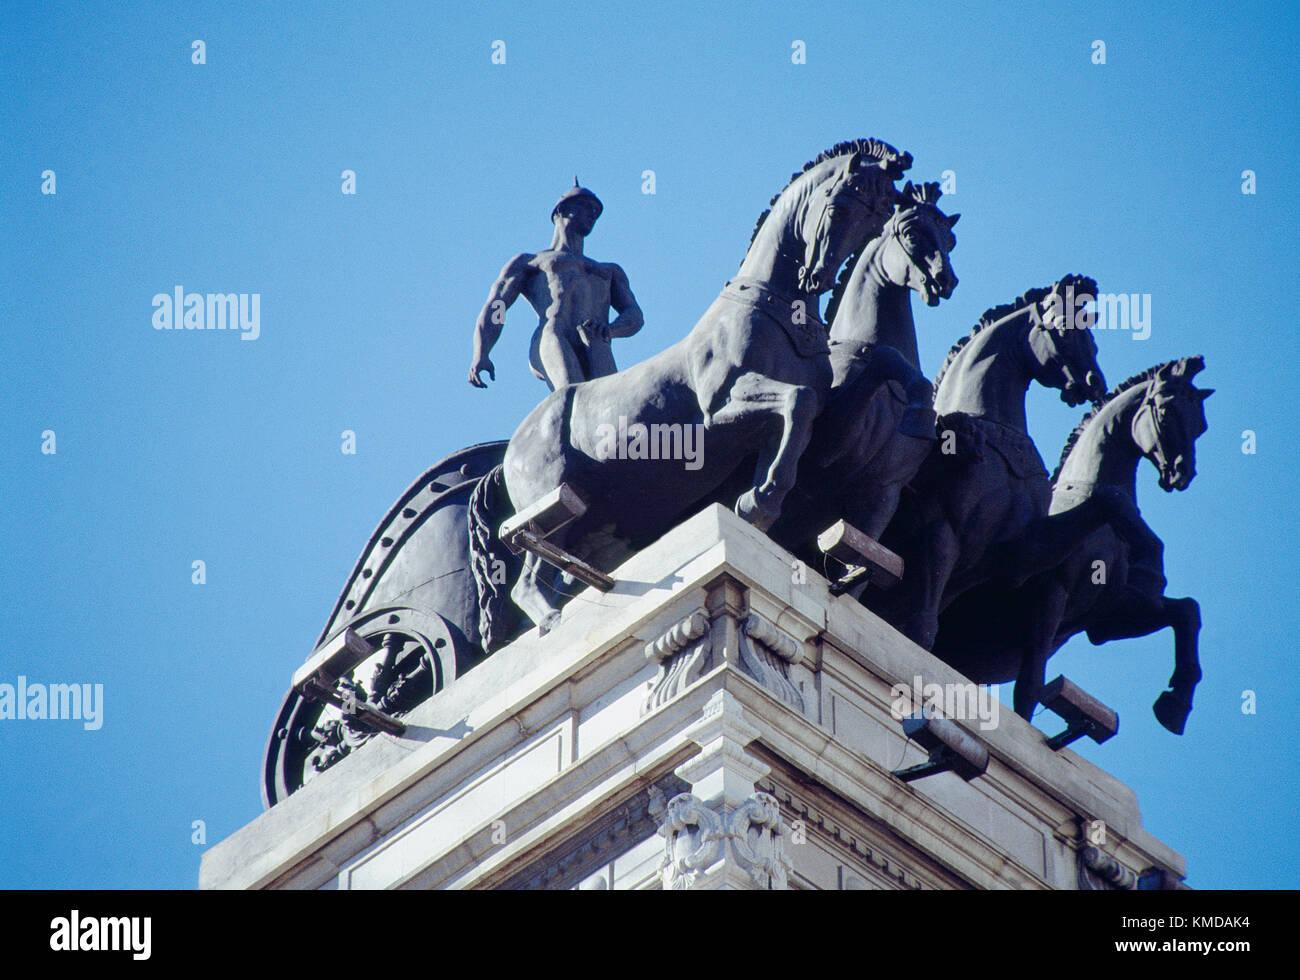 Cuatro En Mano Escultura En La Terraza Del Edificio Madrid